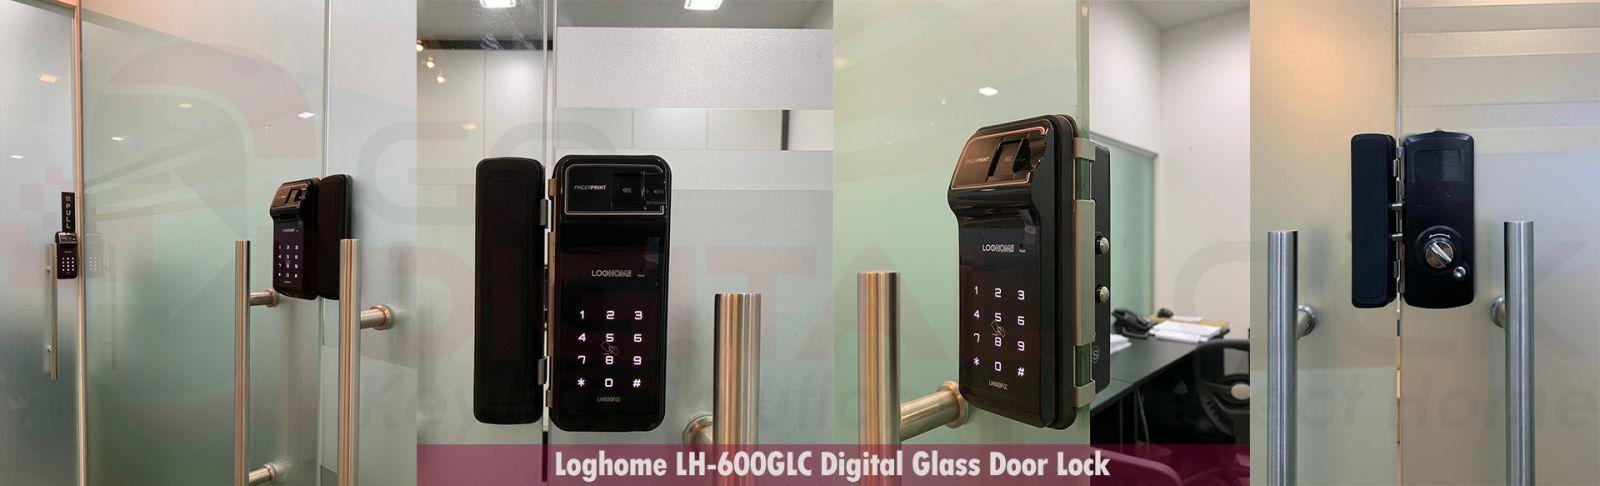 Khóa vân tay cửa kính LOGHOME GLASS LH610FGC-SN/RMC